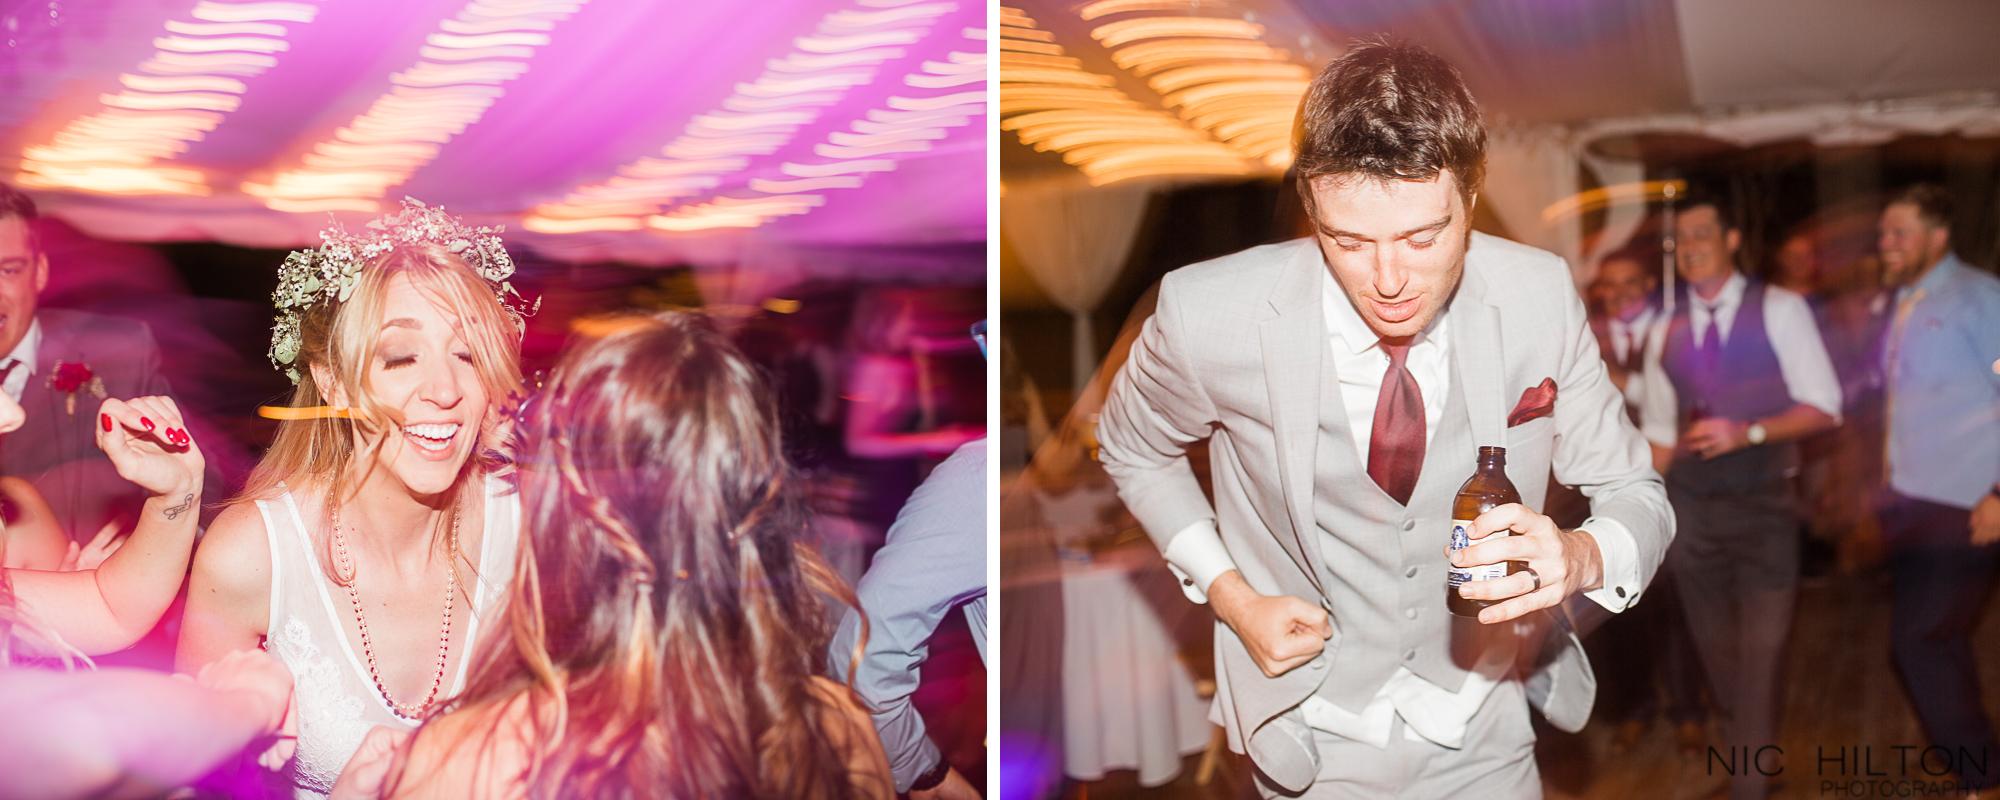 Dance-Photography-Double-Eagle-Wedding.jpg